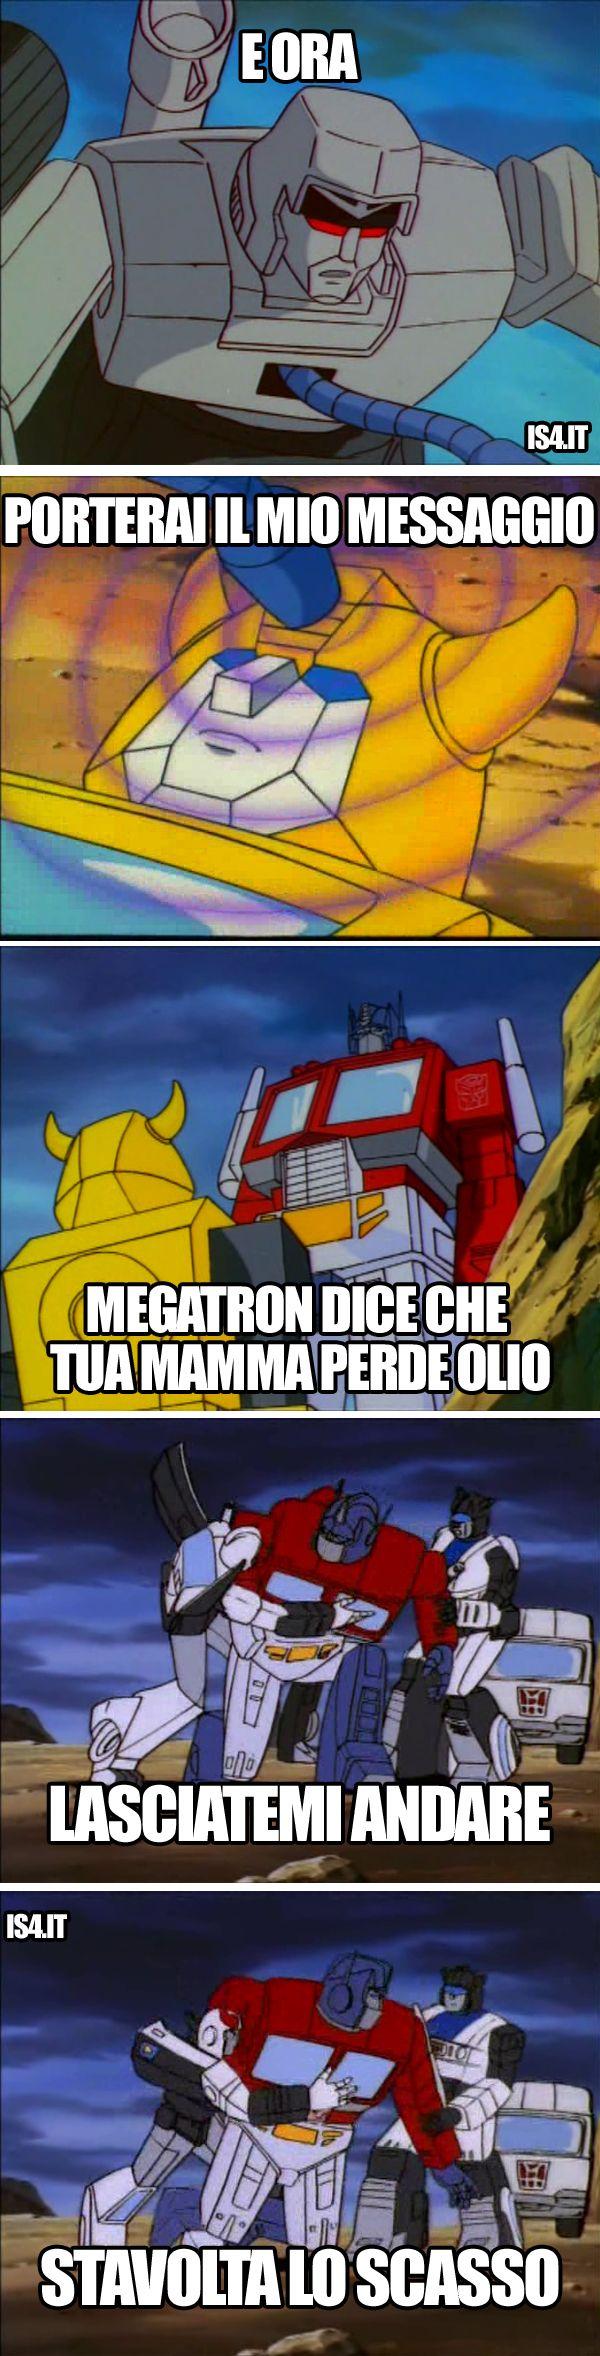 Transformers meme ita - Il messaggio